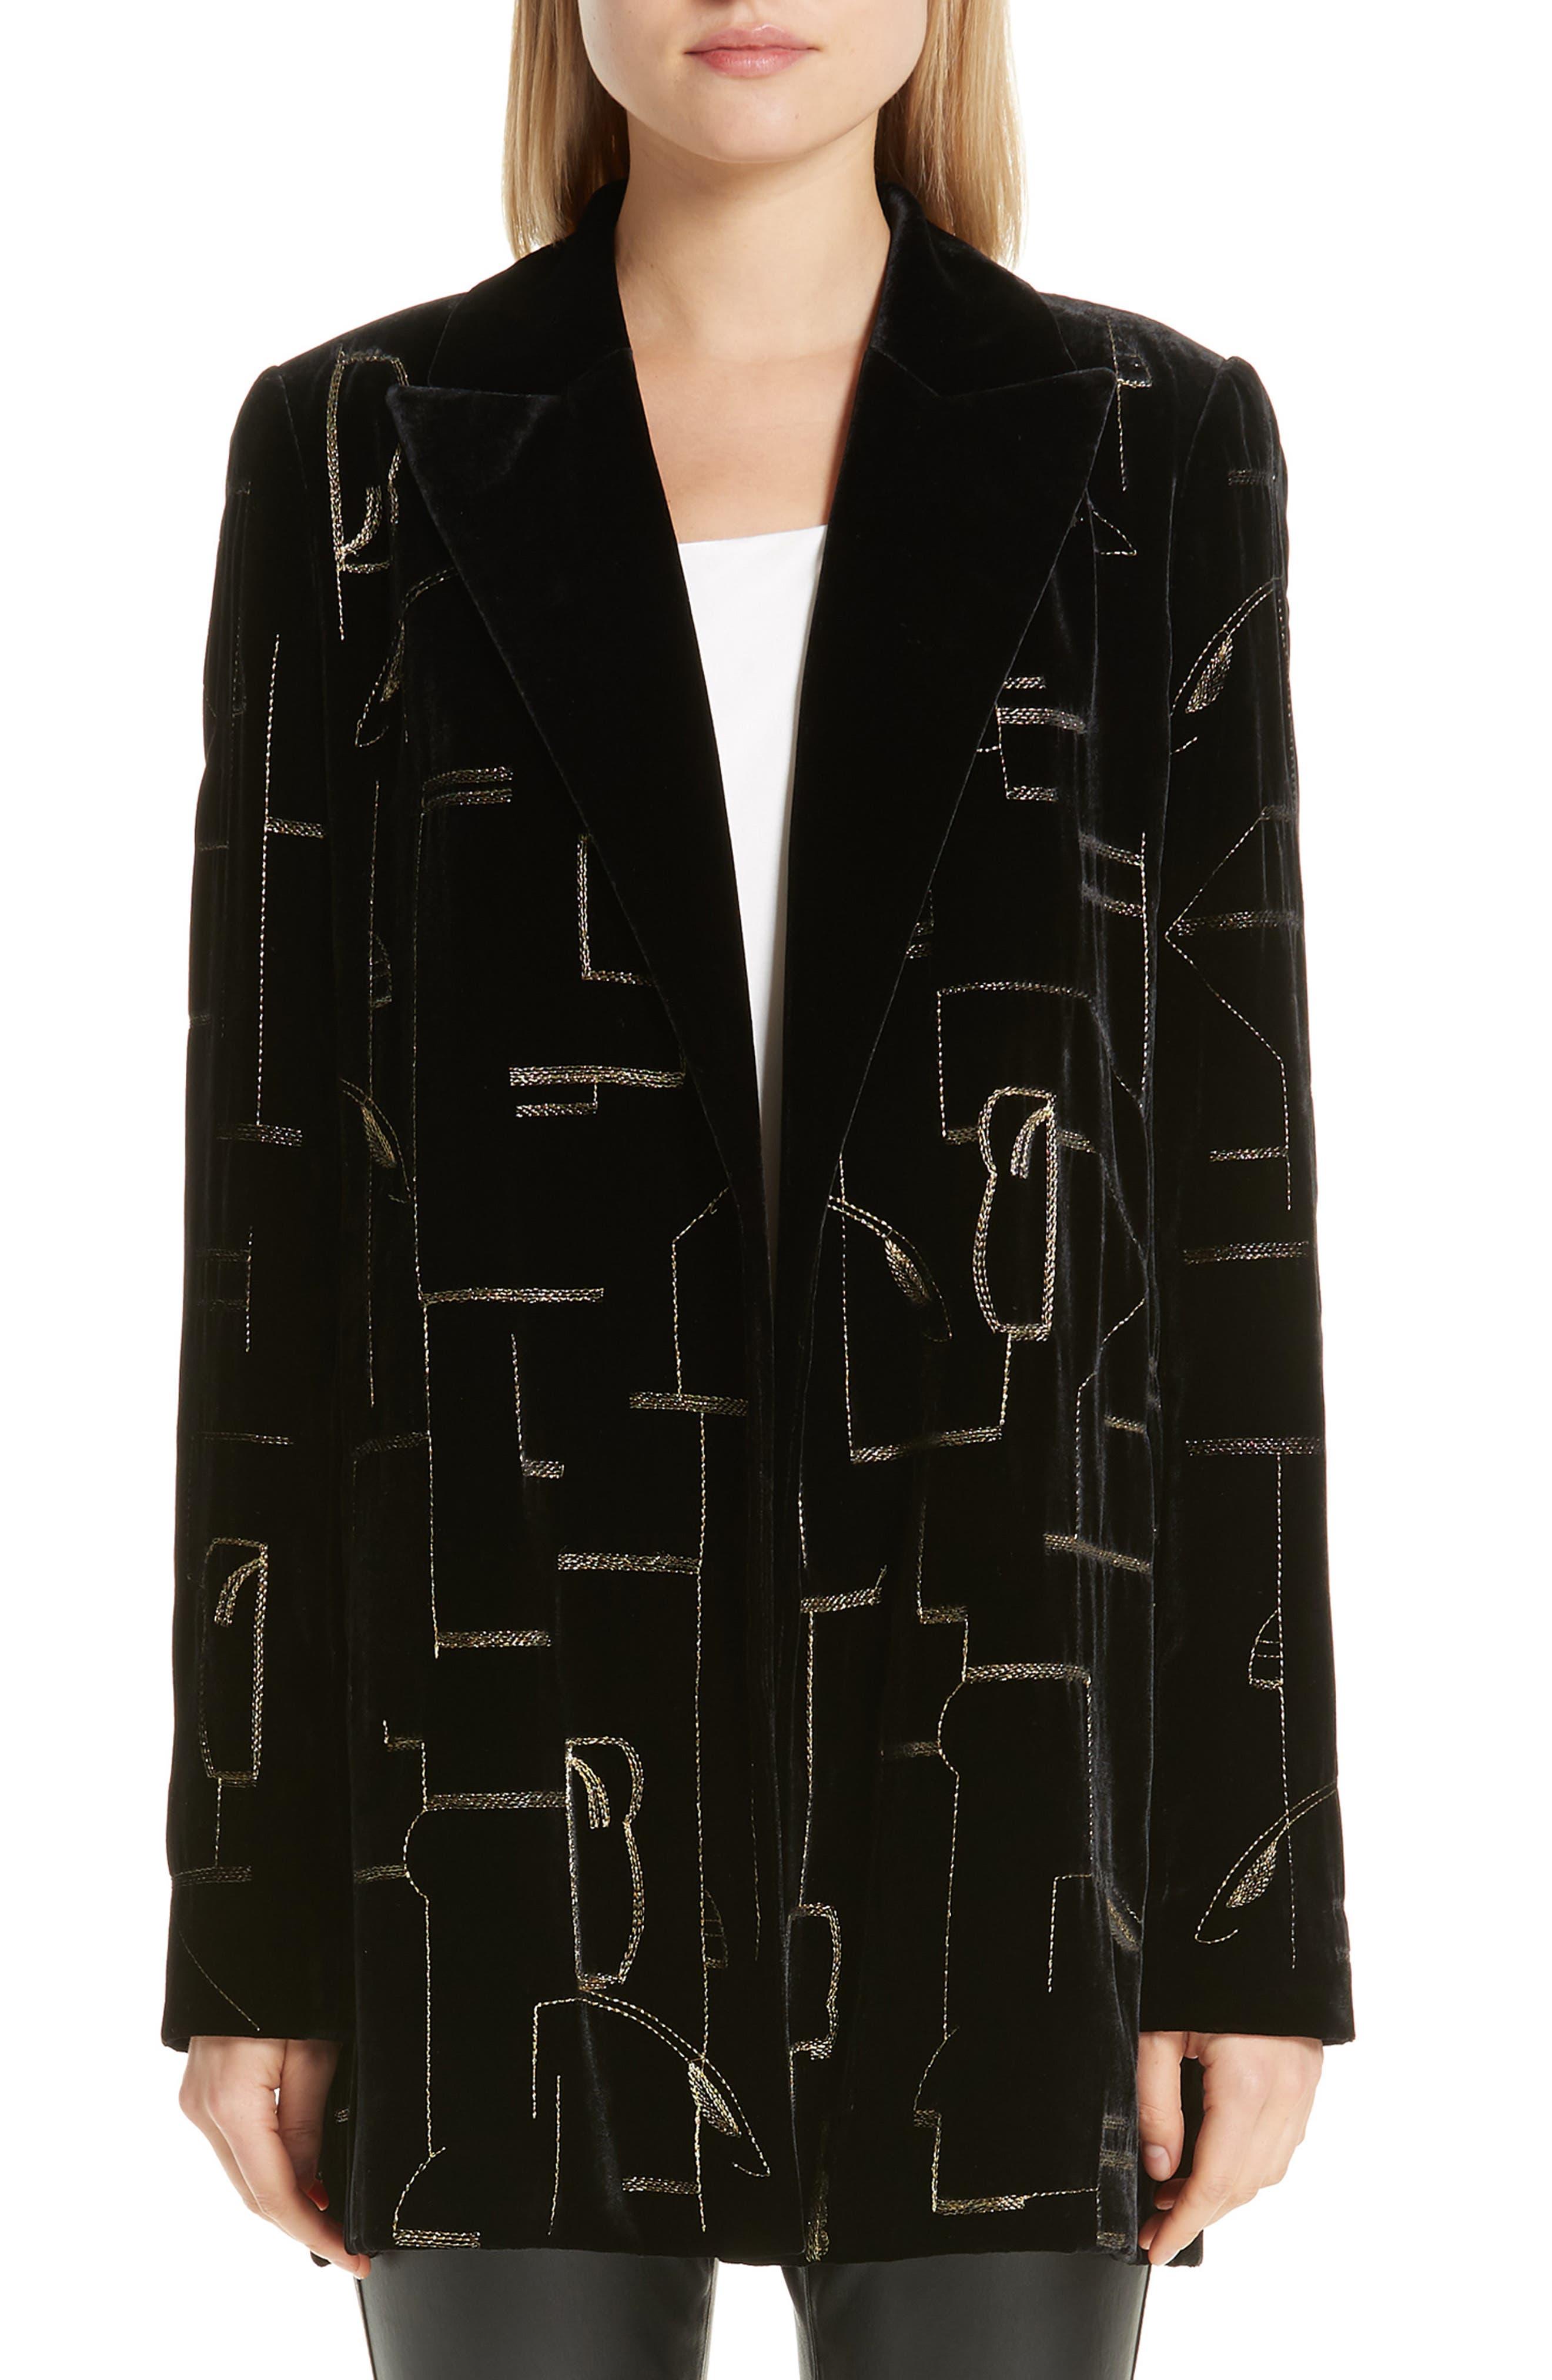 LAFAYETTE 148 NEW YORK Sivan Embellished Velvet Blazer, Main, color, 001